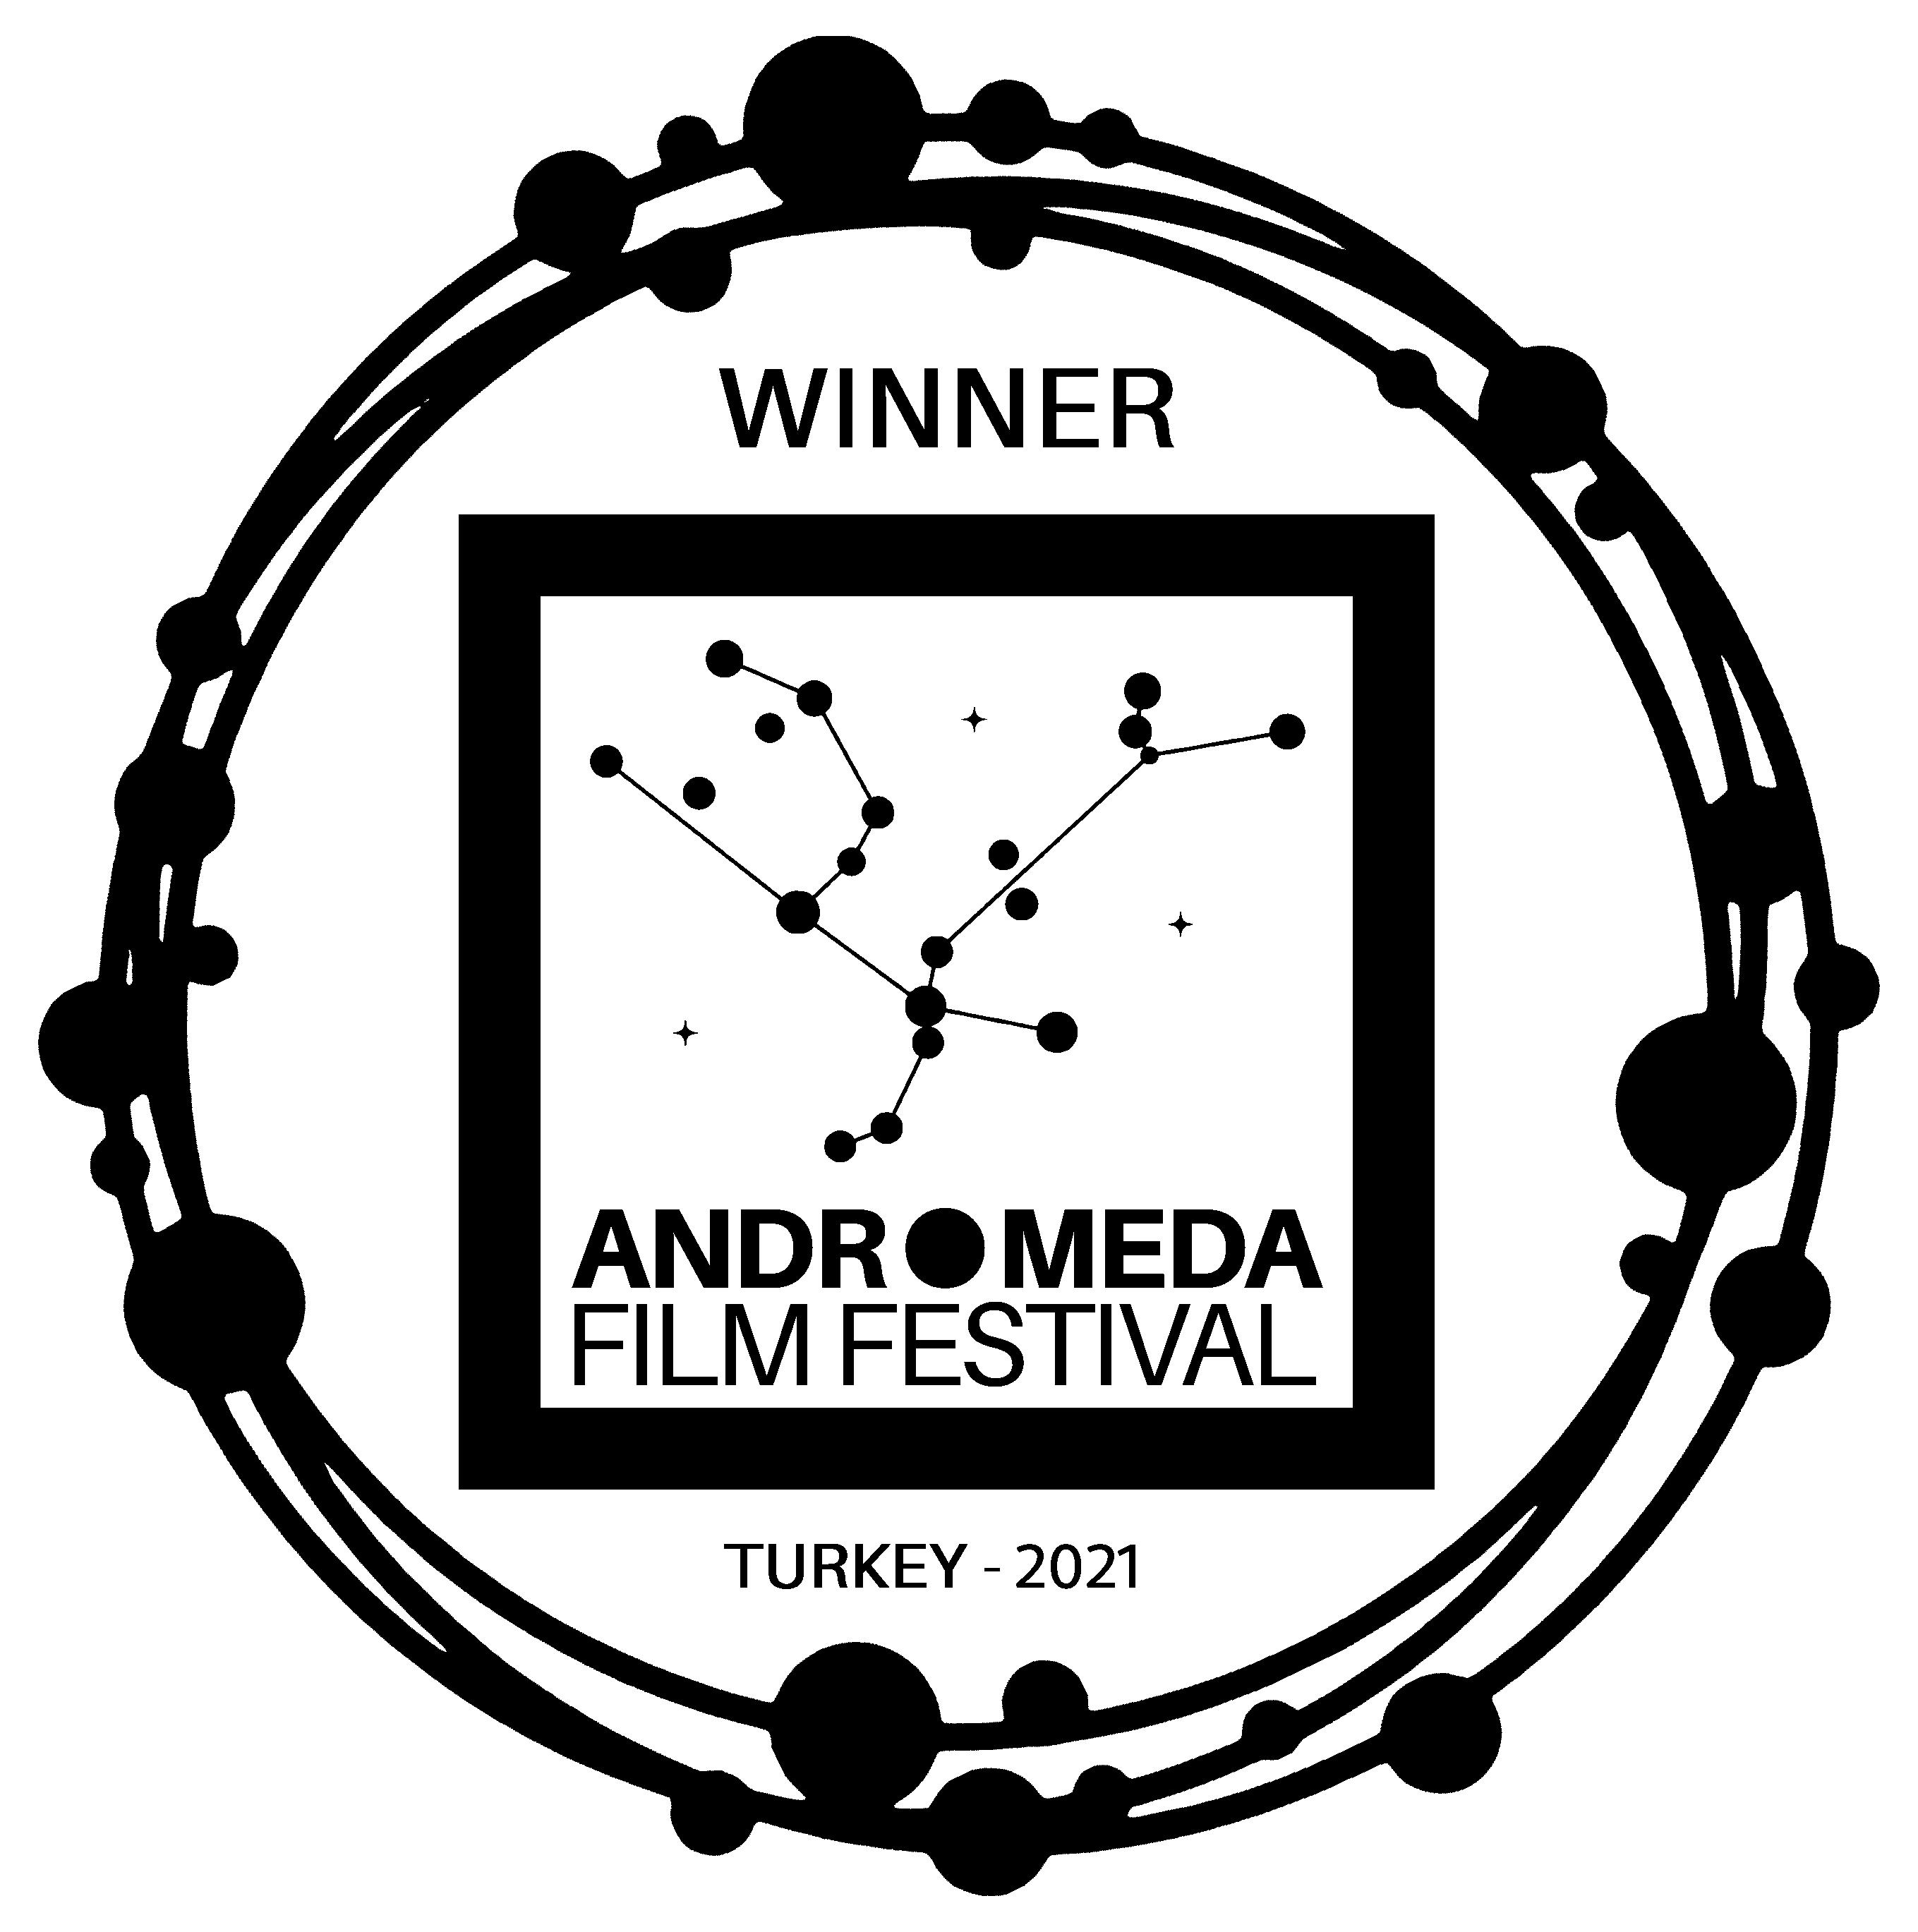 Winner - Andromeda Film Festival